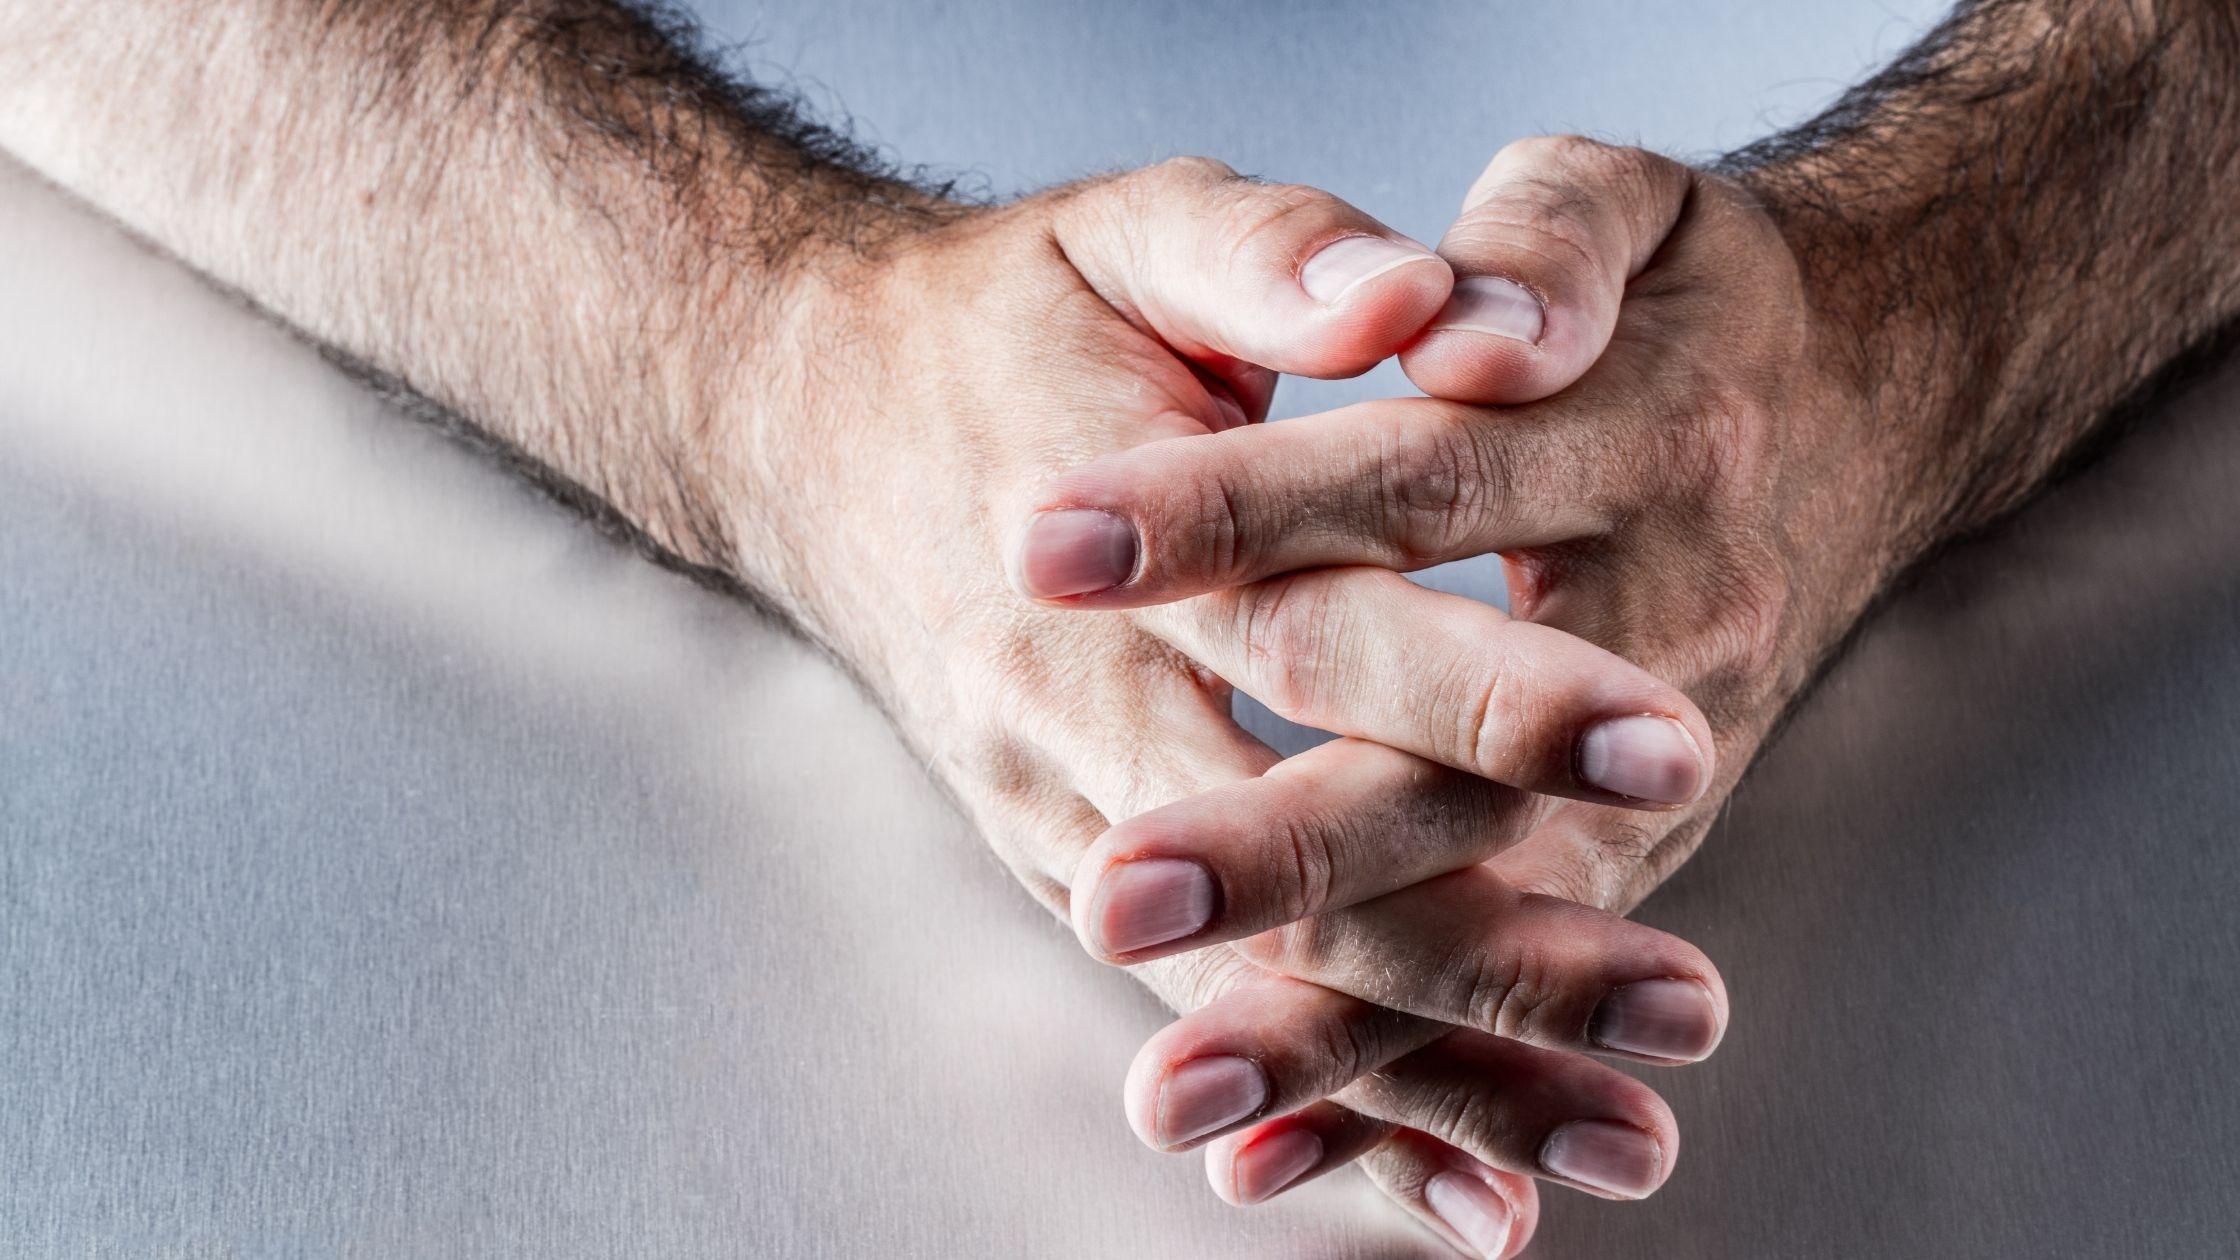 od masturbacji rosną włosy na dłoniach